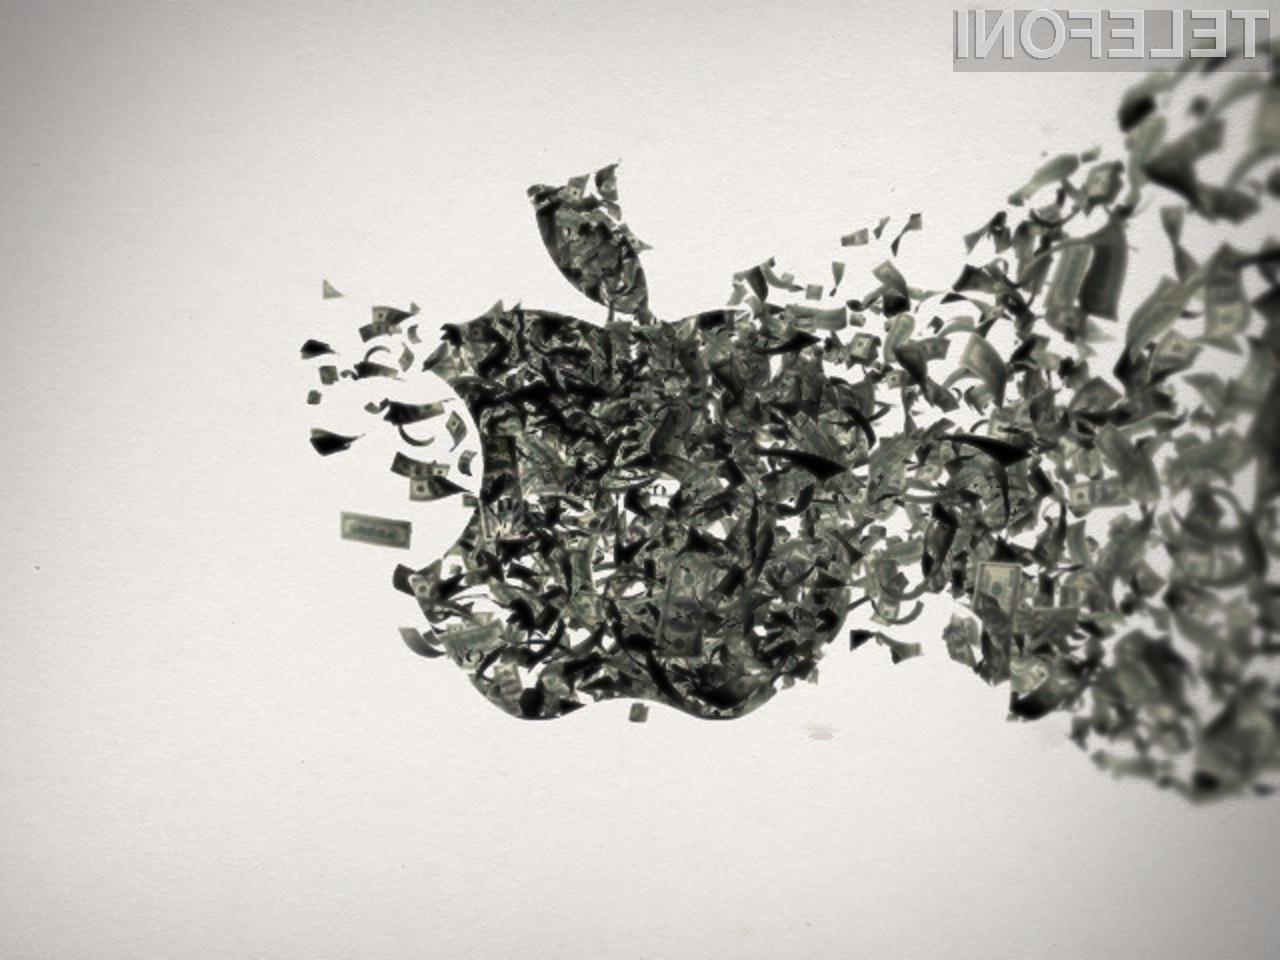 13 milijardna evropska klofuta za podjetje Apple!